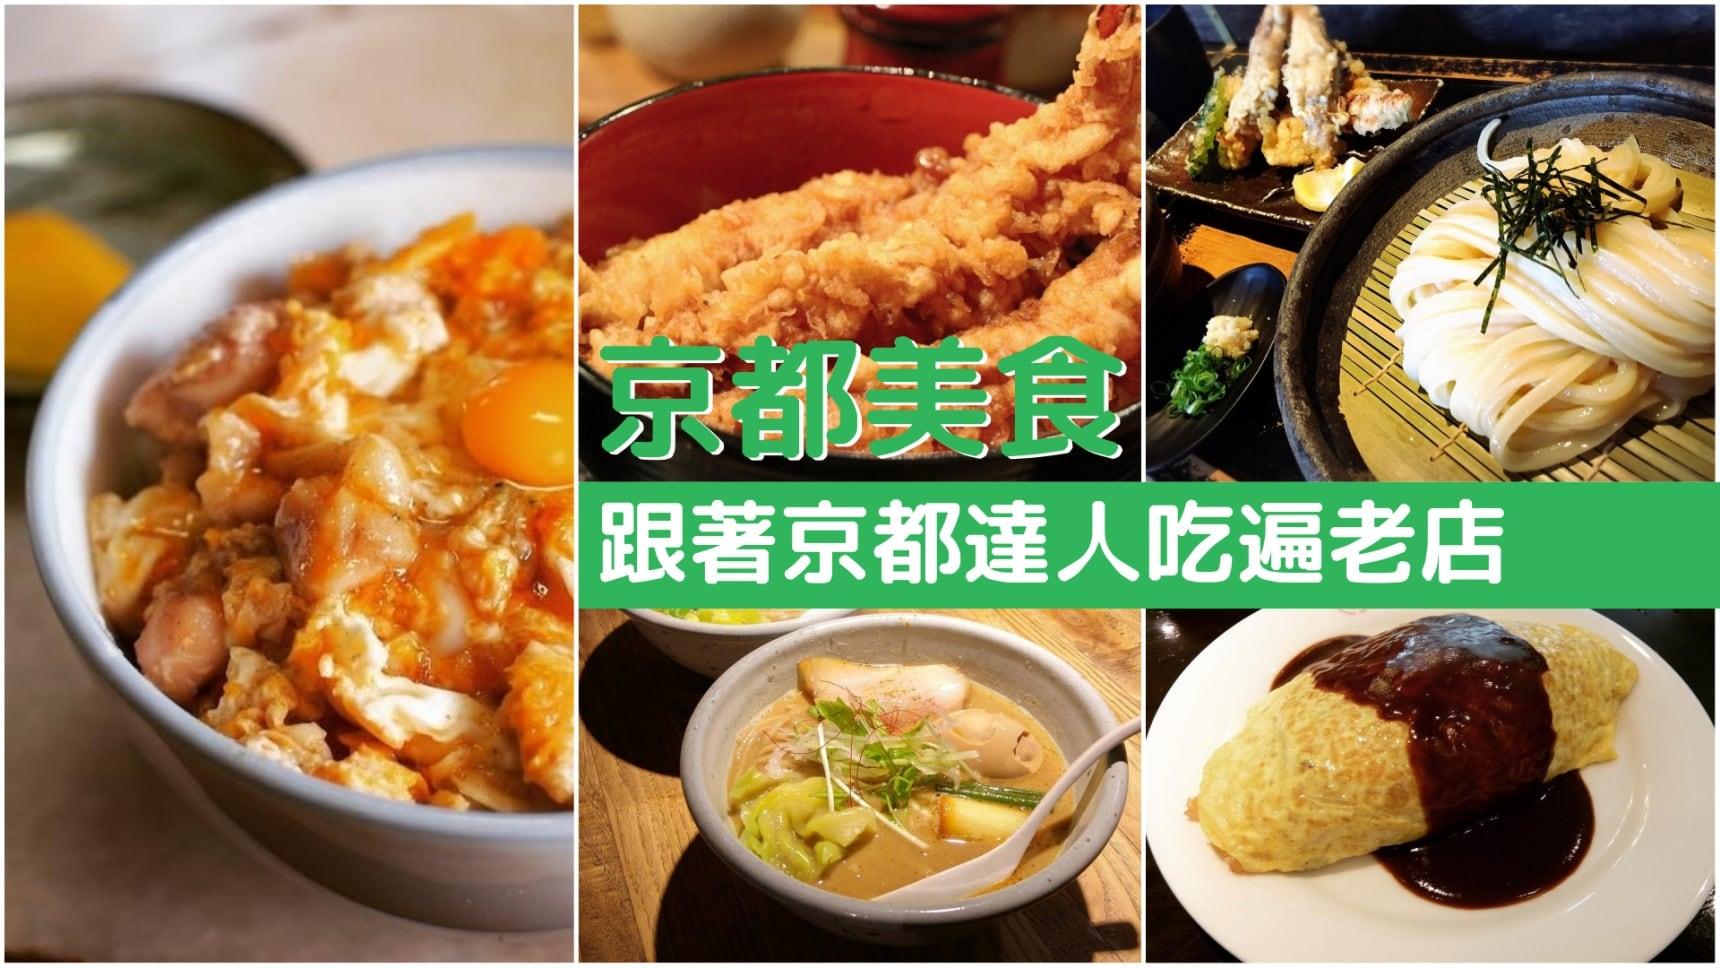 【京都美食】跟著日本達人吃遍京都10大美食老店